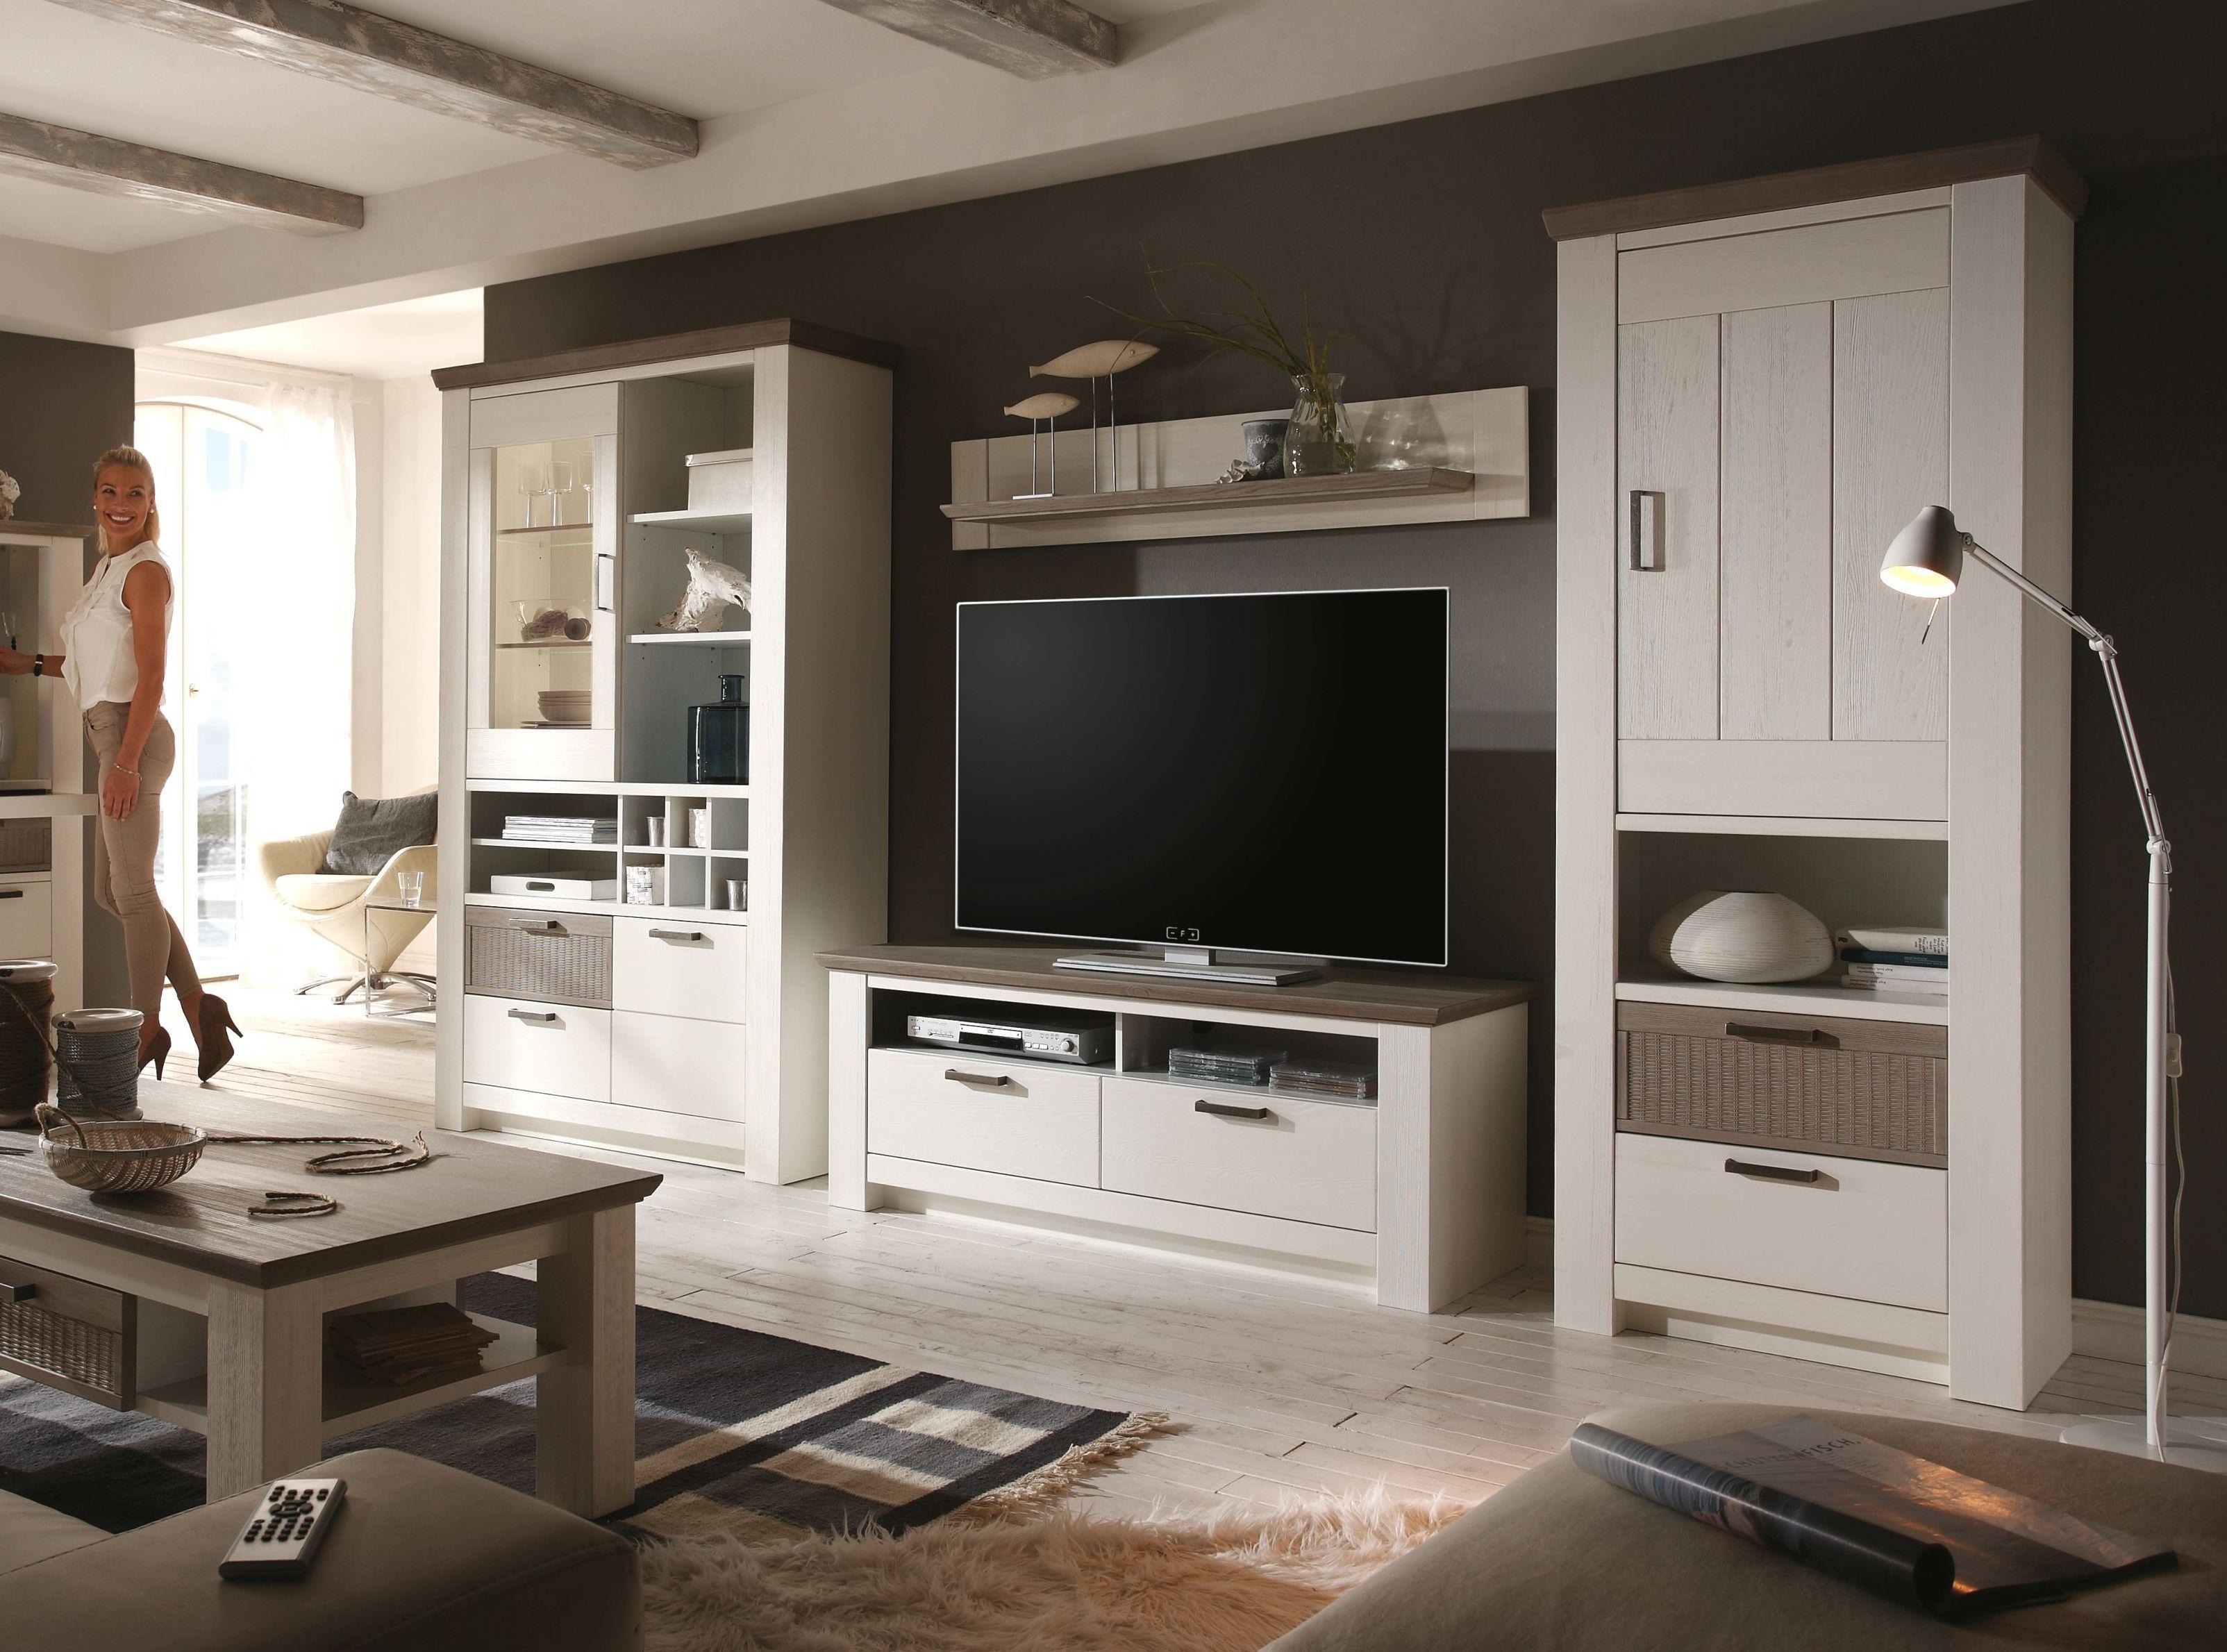 Wohnwand Kiefer Weiss/ Taupe Teilmassiv Woody 41 02636 Holz Landhaus Jetzt  Bestellen Unter: Home Design Ideas